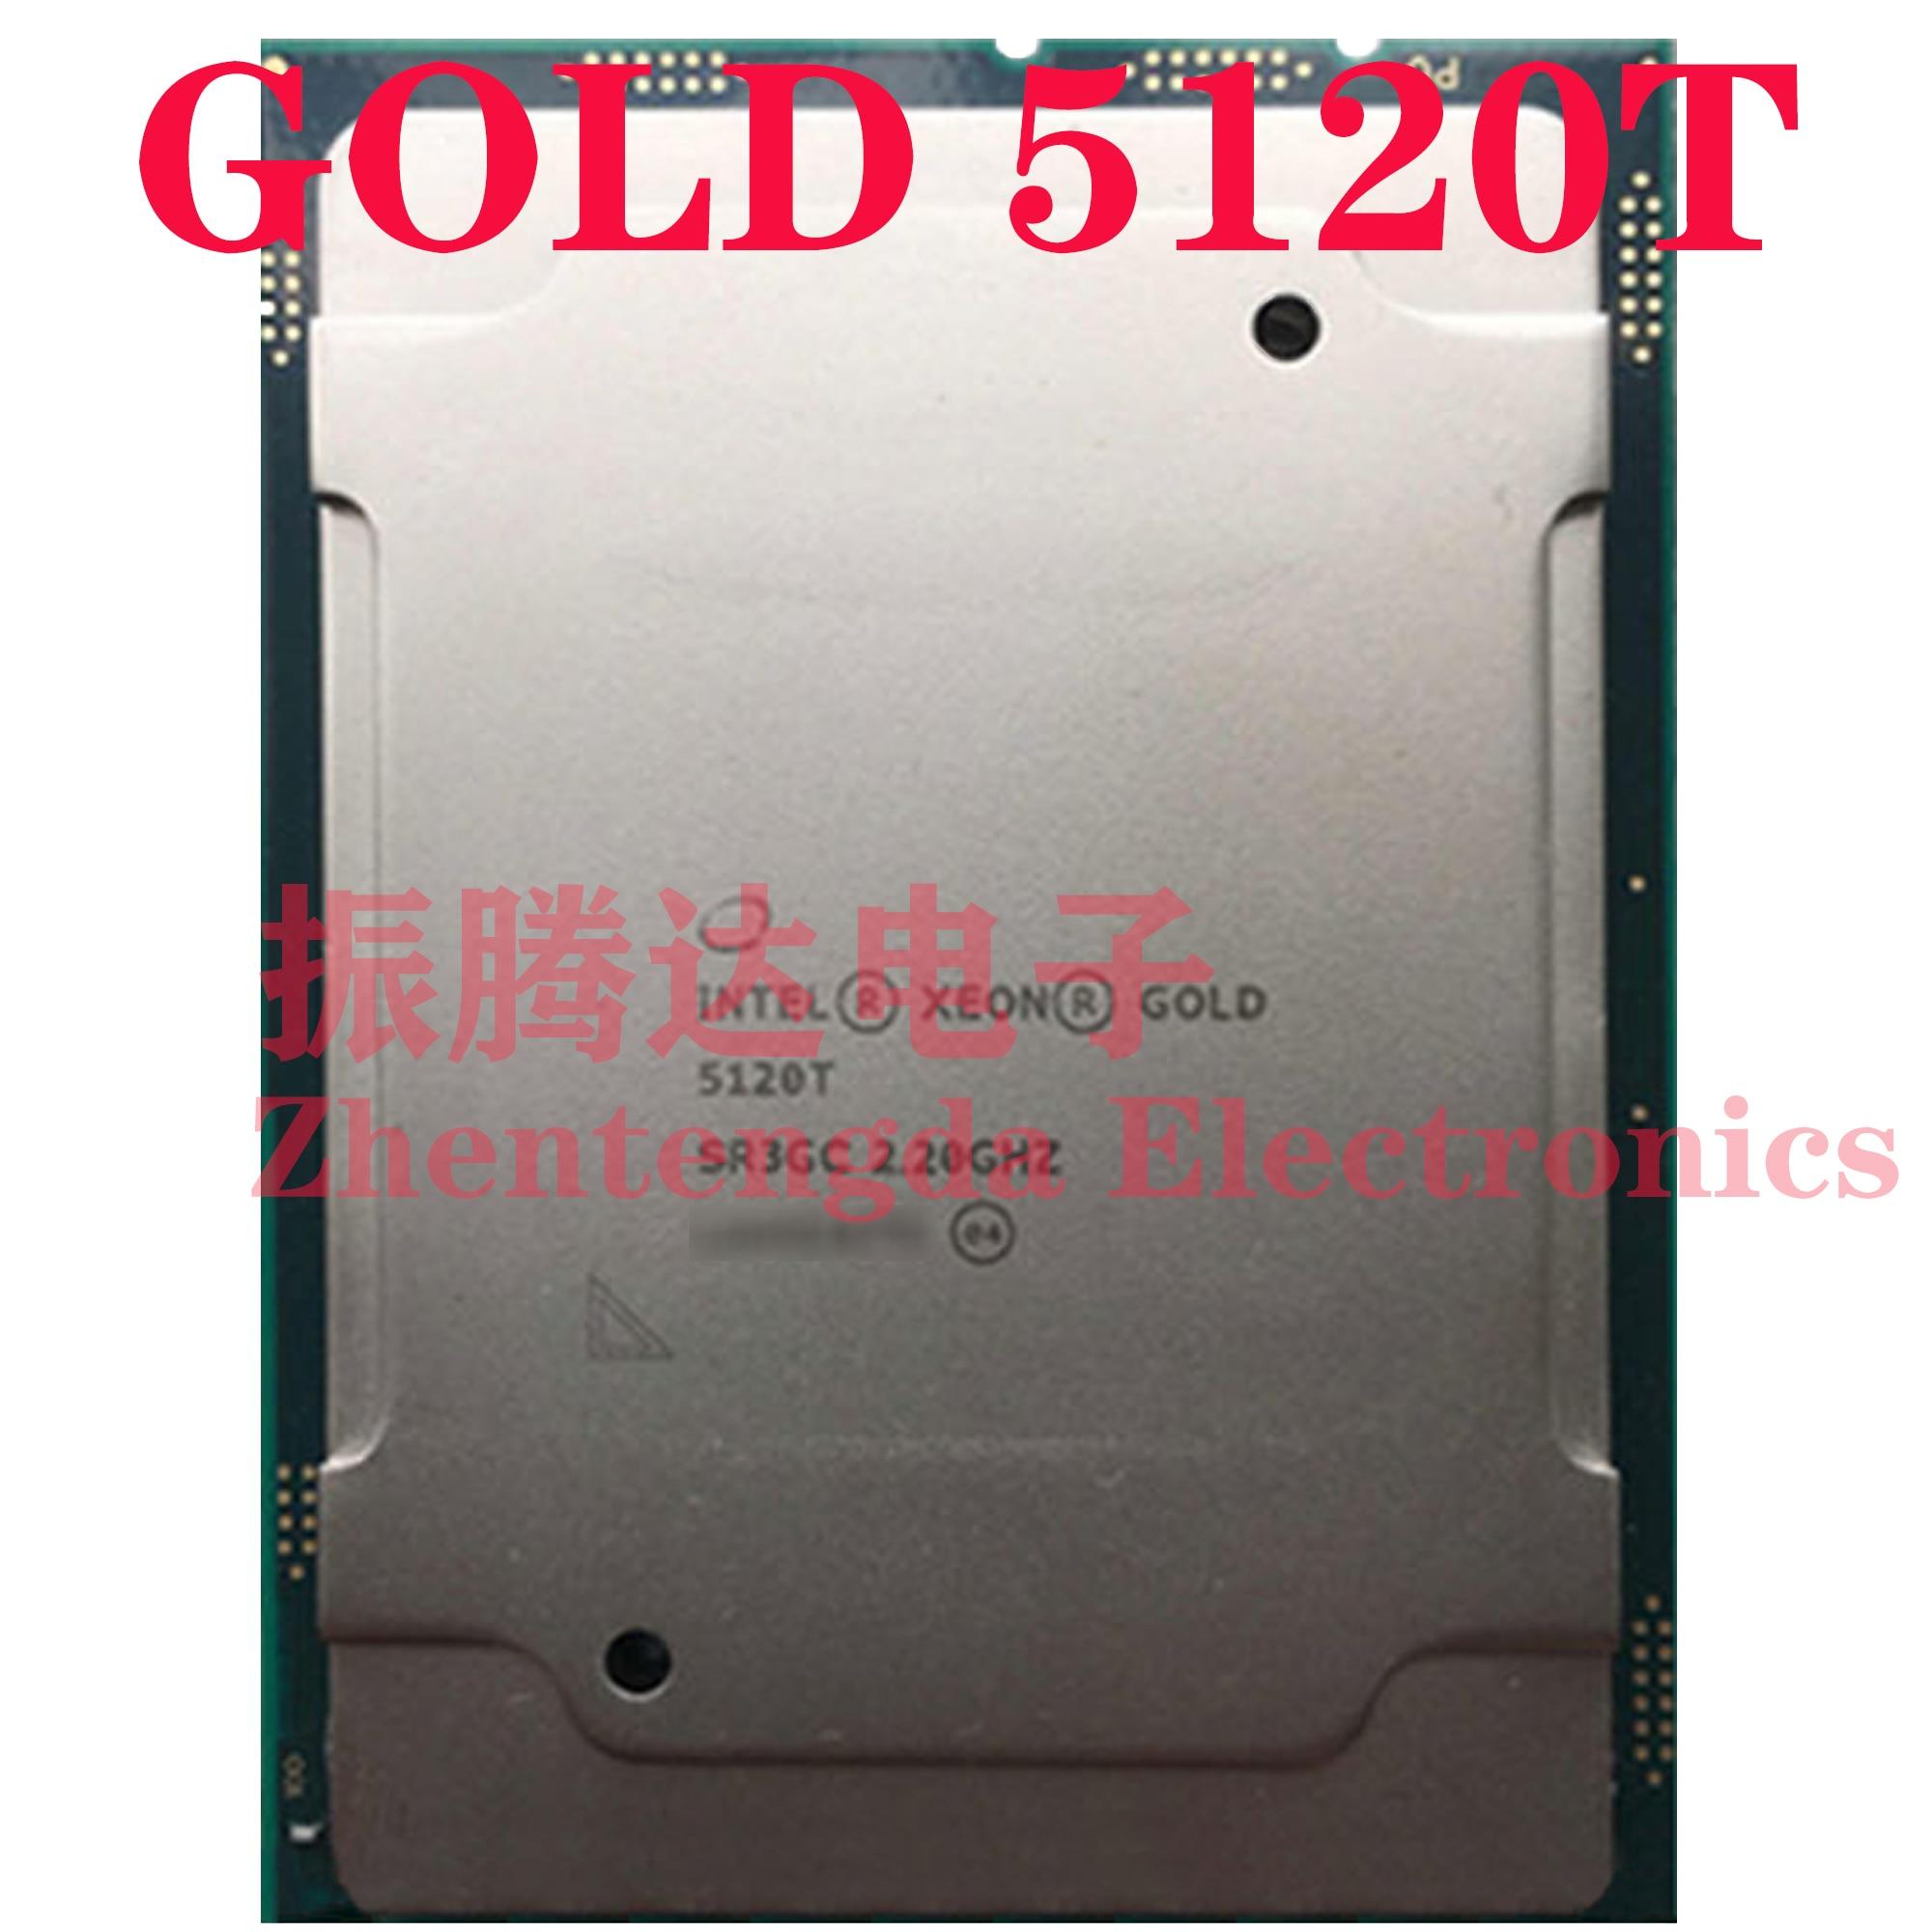 Intel Xeon Gold 5120T CPU 2.2GHz L3-19.25MB 14 Core 28 Threads LGA-3647 Gold 5120T CPU Processor